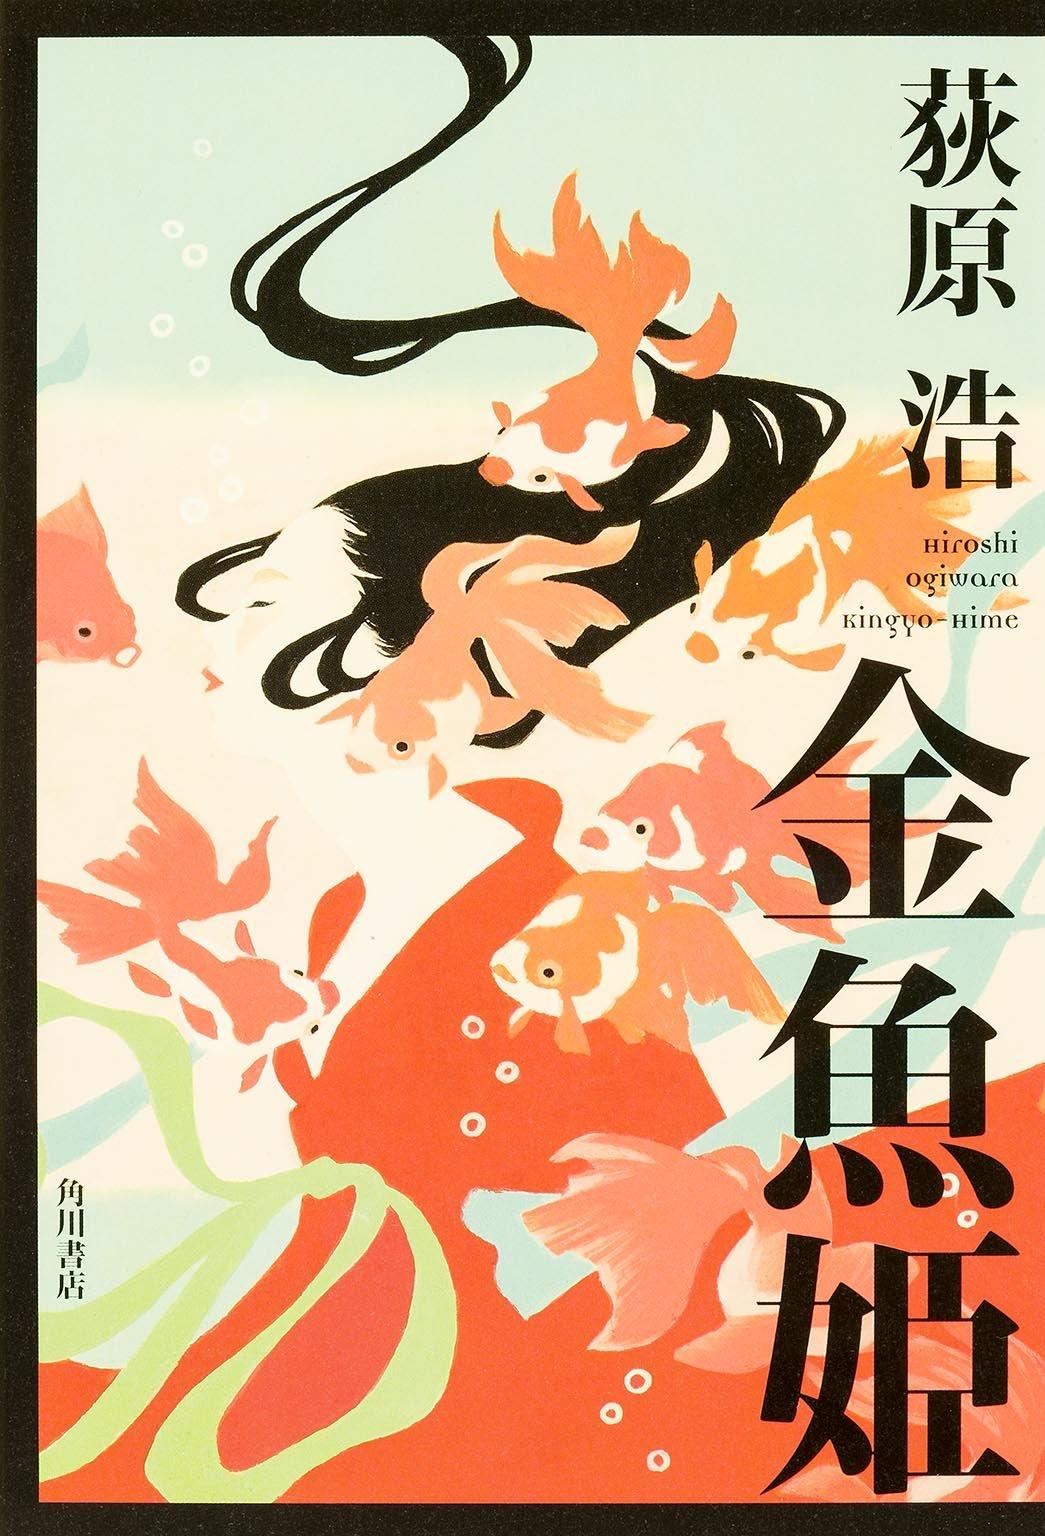 荻原浩『金魚姫』角川書店_e0199963_11333232.jpg